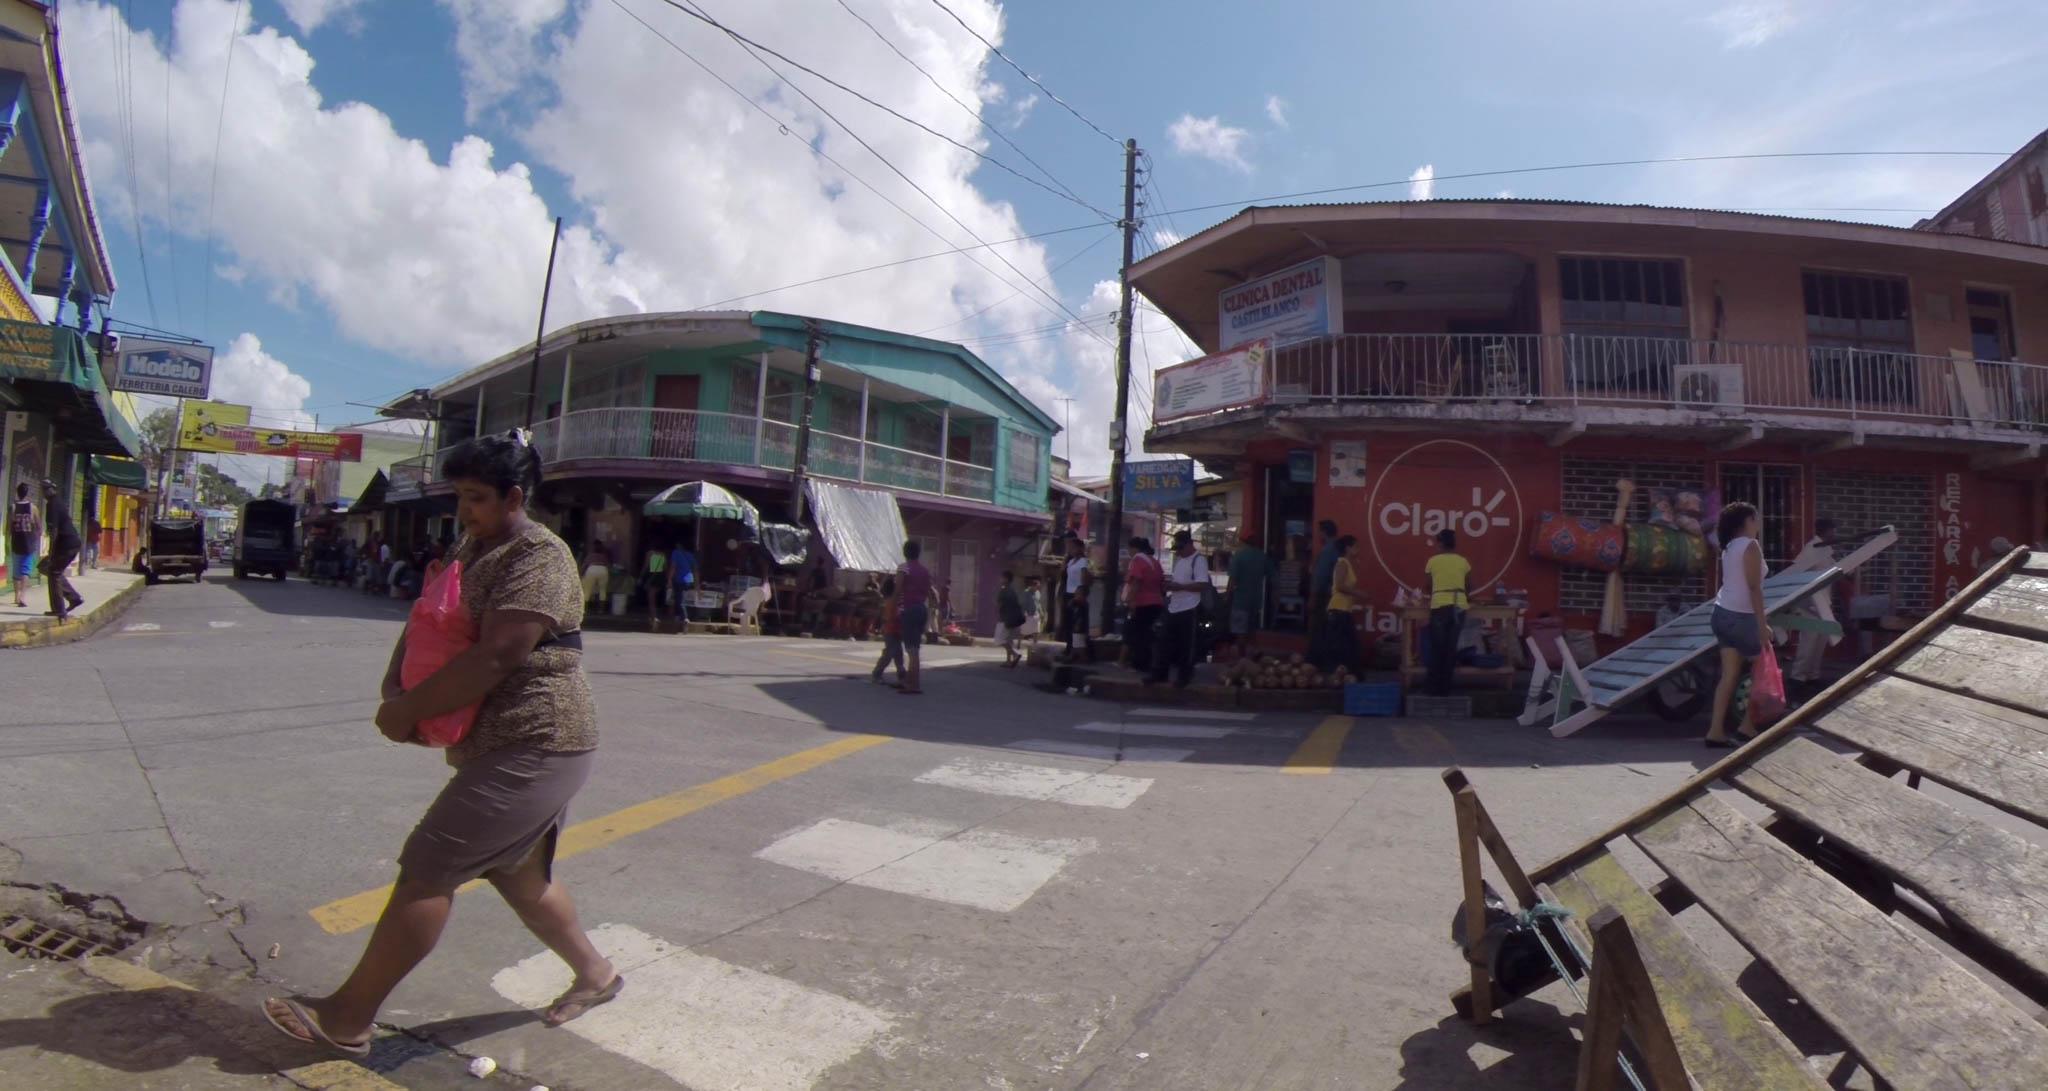 Downtown Bluefields - video still, Tom Miller